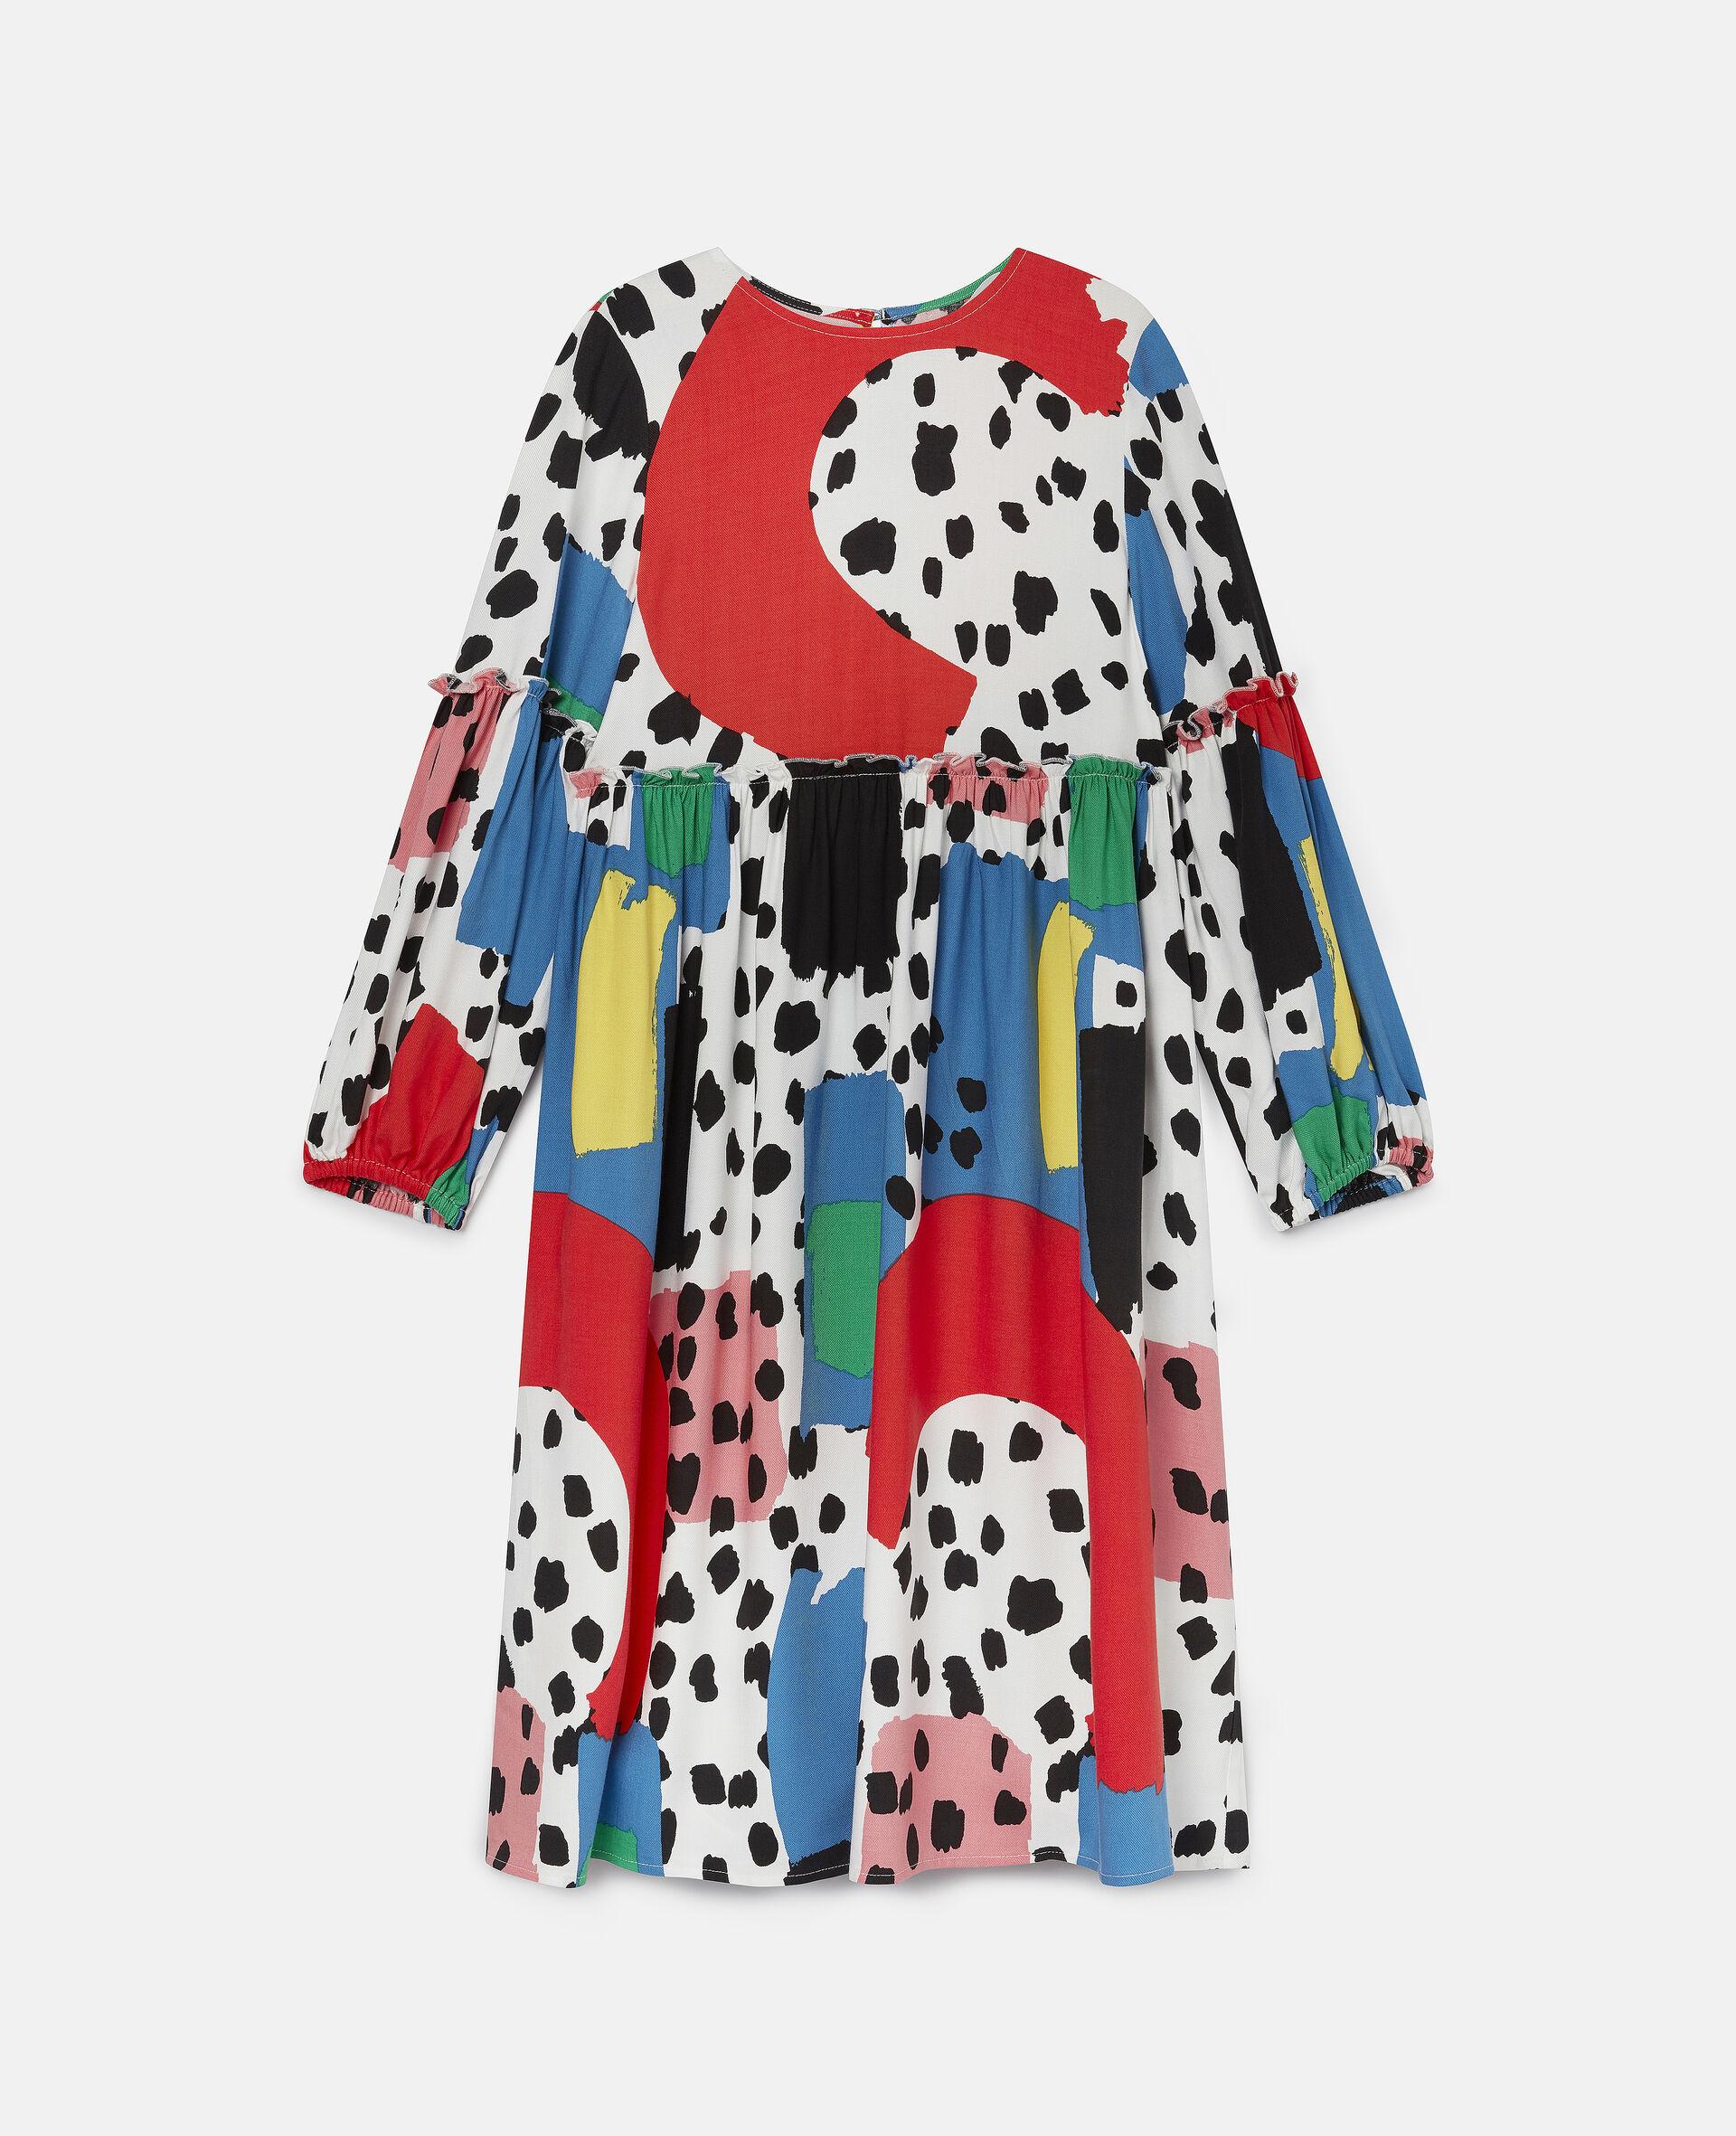 Kleid aus Twill mit Dalmatiner-Flecken-Bunt-large image number 0